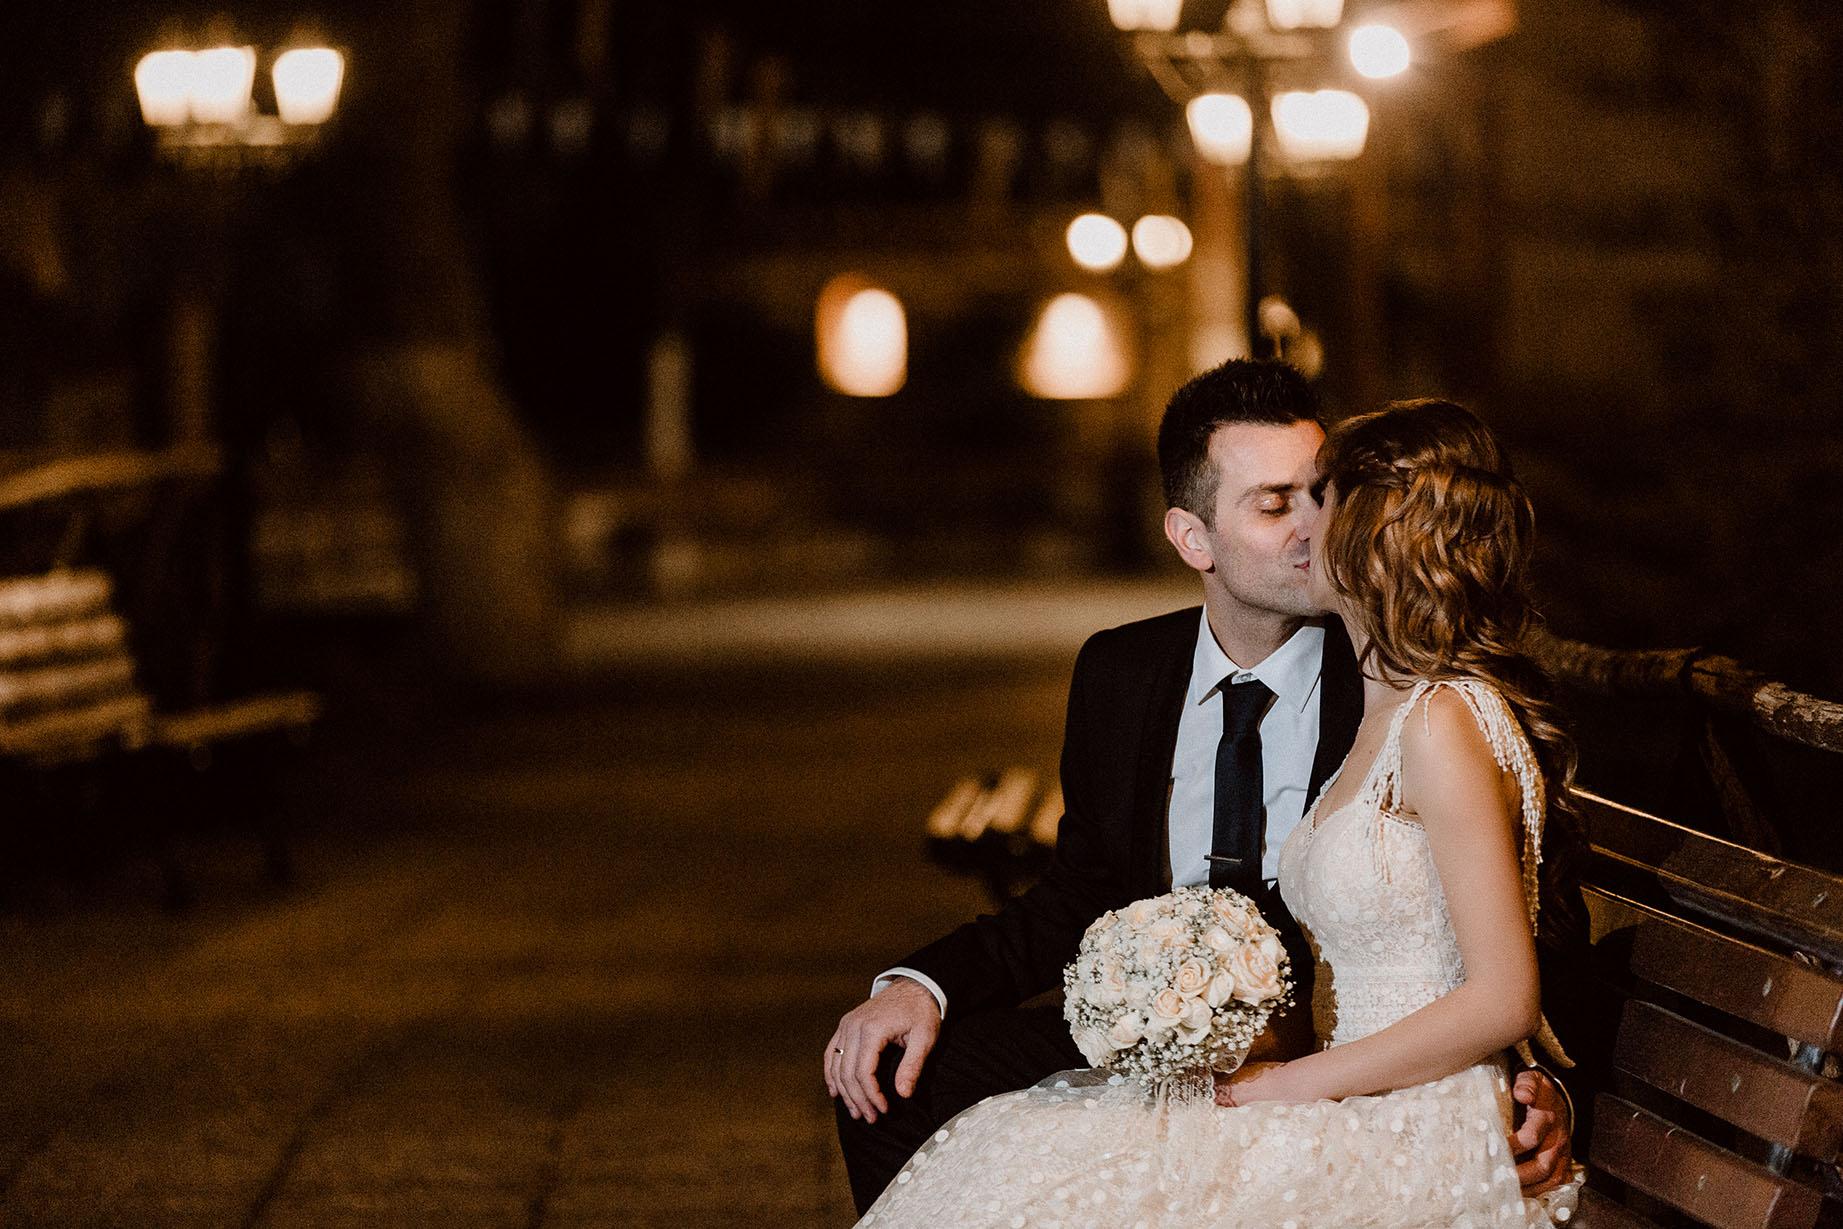 Βίντεο γάμου Θεσσαλονίκη